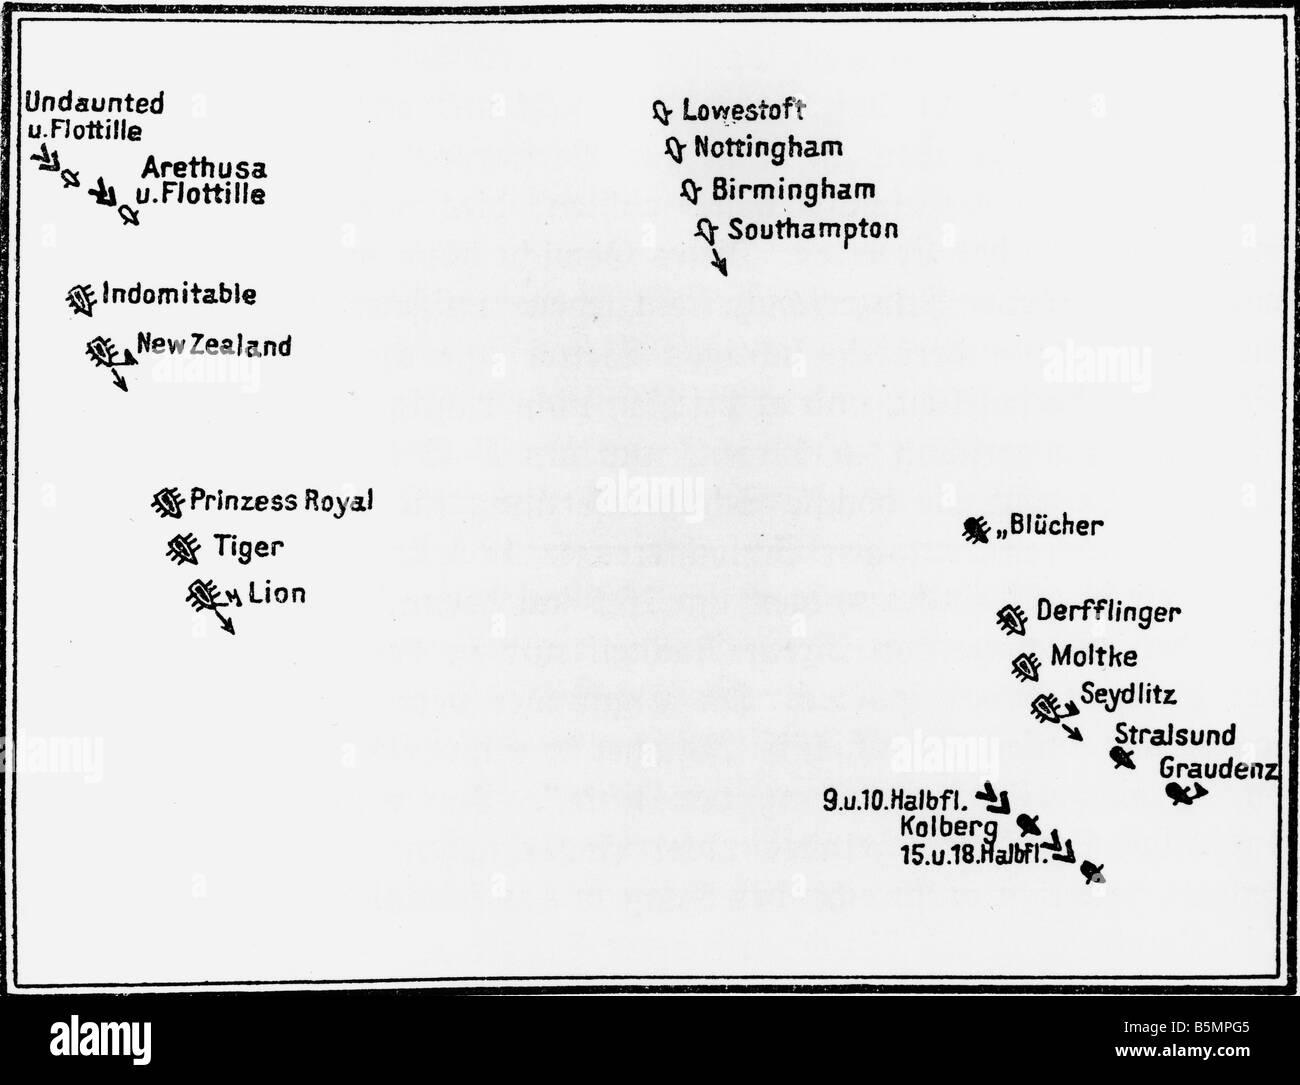 9 1915 1 24 F1 battaglia navale di Helgoland 1915 schizzo Guerra Mondiale 1 1914 18 guerra navale pesanti combattimenti tra tedeschi e britannici in alto mare Foto Stock